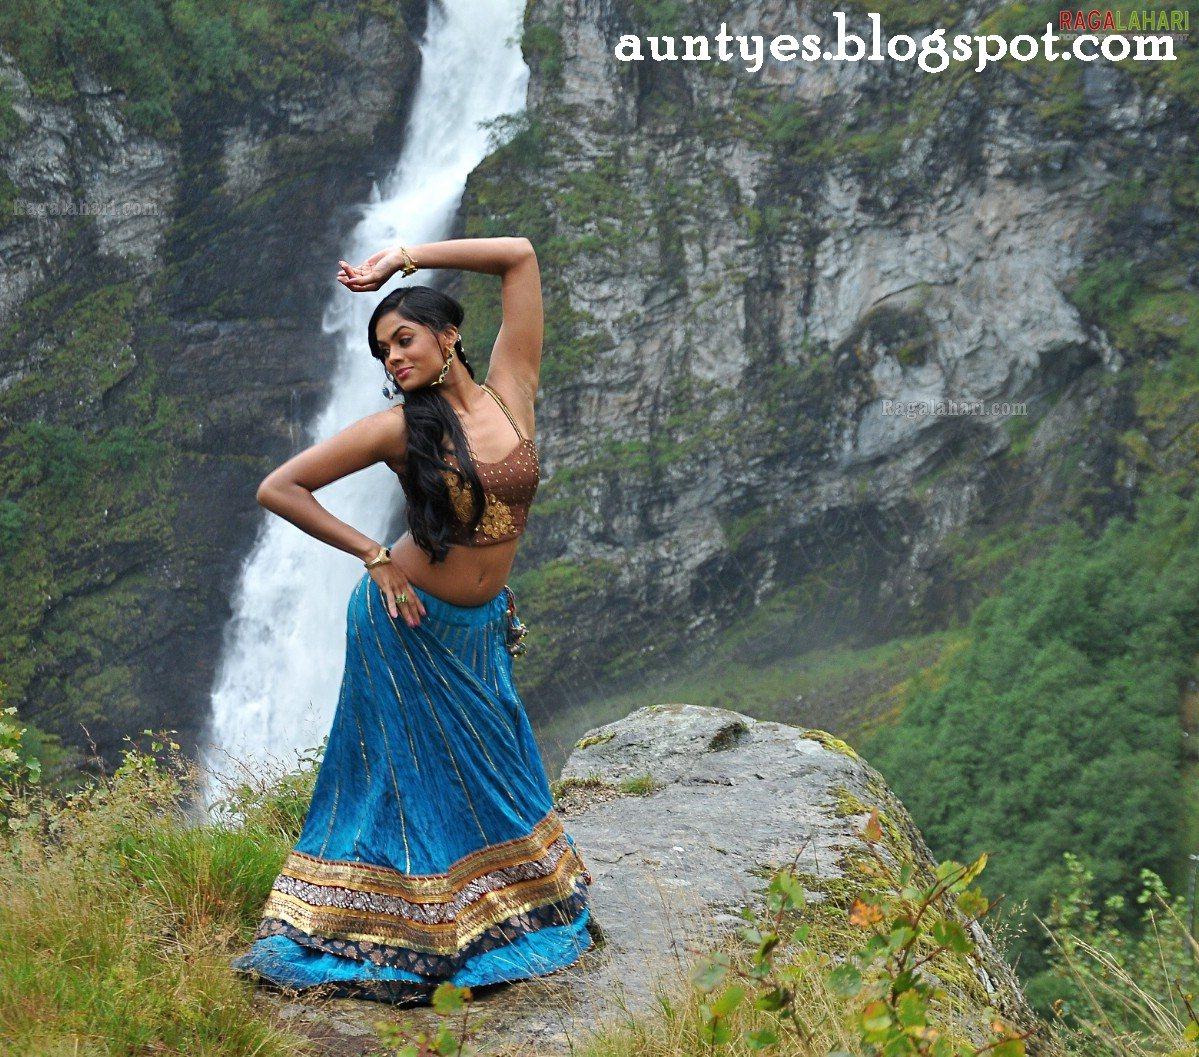 http://2.bp.blogspot.com/-zFBWZCPcPHE/Tps0iG8h0wI/AAAAAAAAAR8/qz5zzrvBbqM/s1600/karthika+nair+armpits.jpg